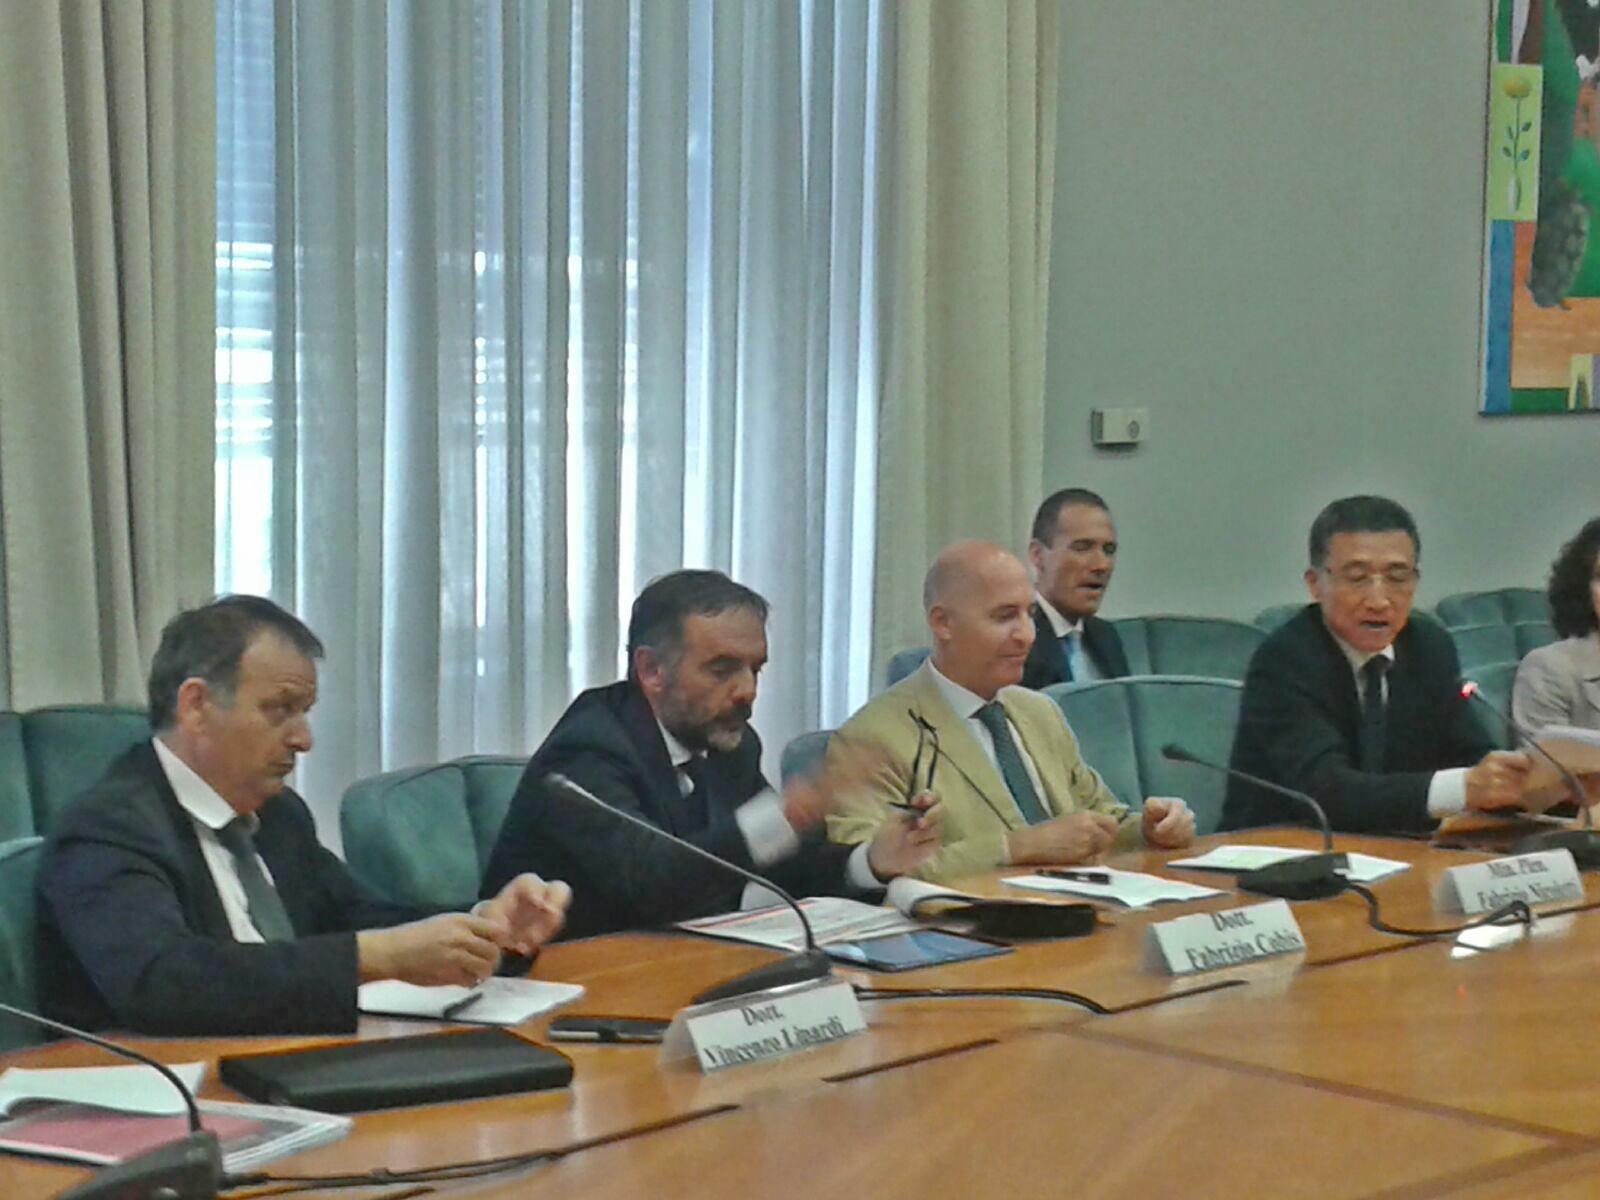 ministero degli affari esteri 2